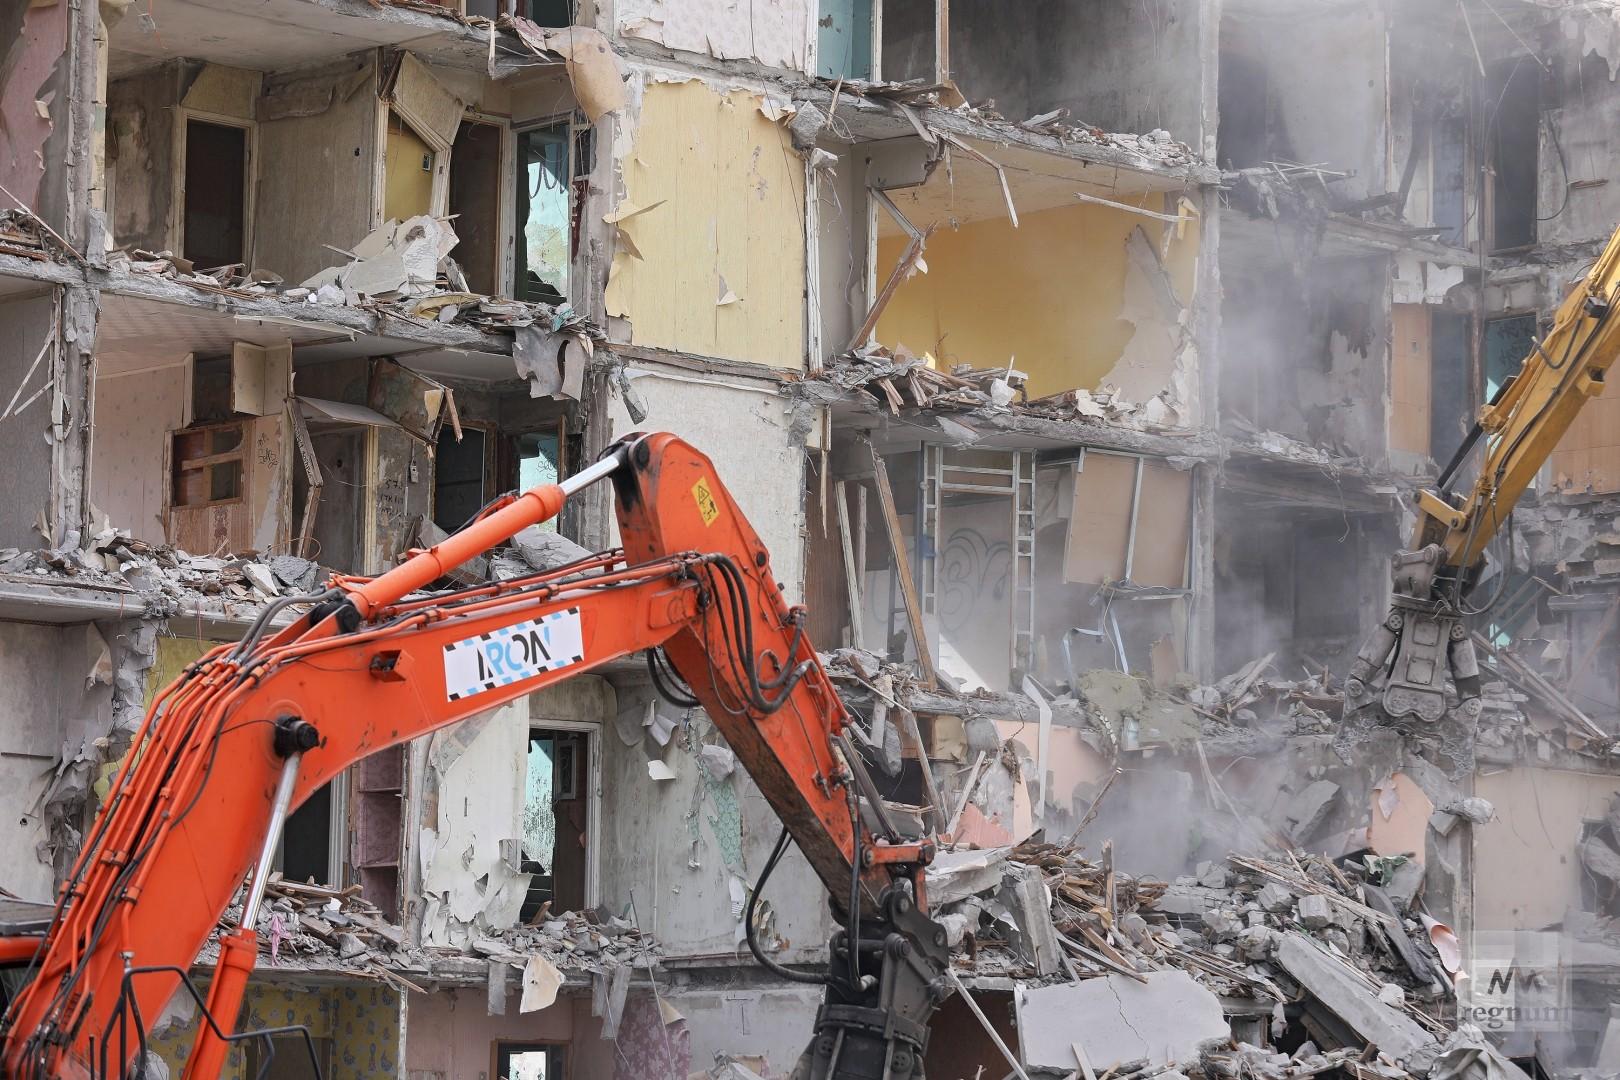 Всероссийская реновация: в регионах ждут помощи и опасаются махинаций